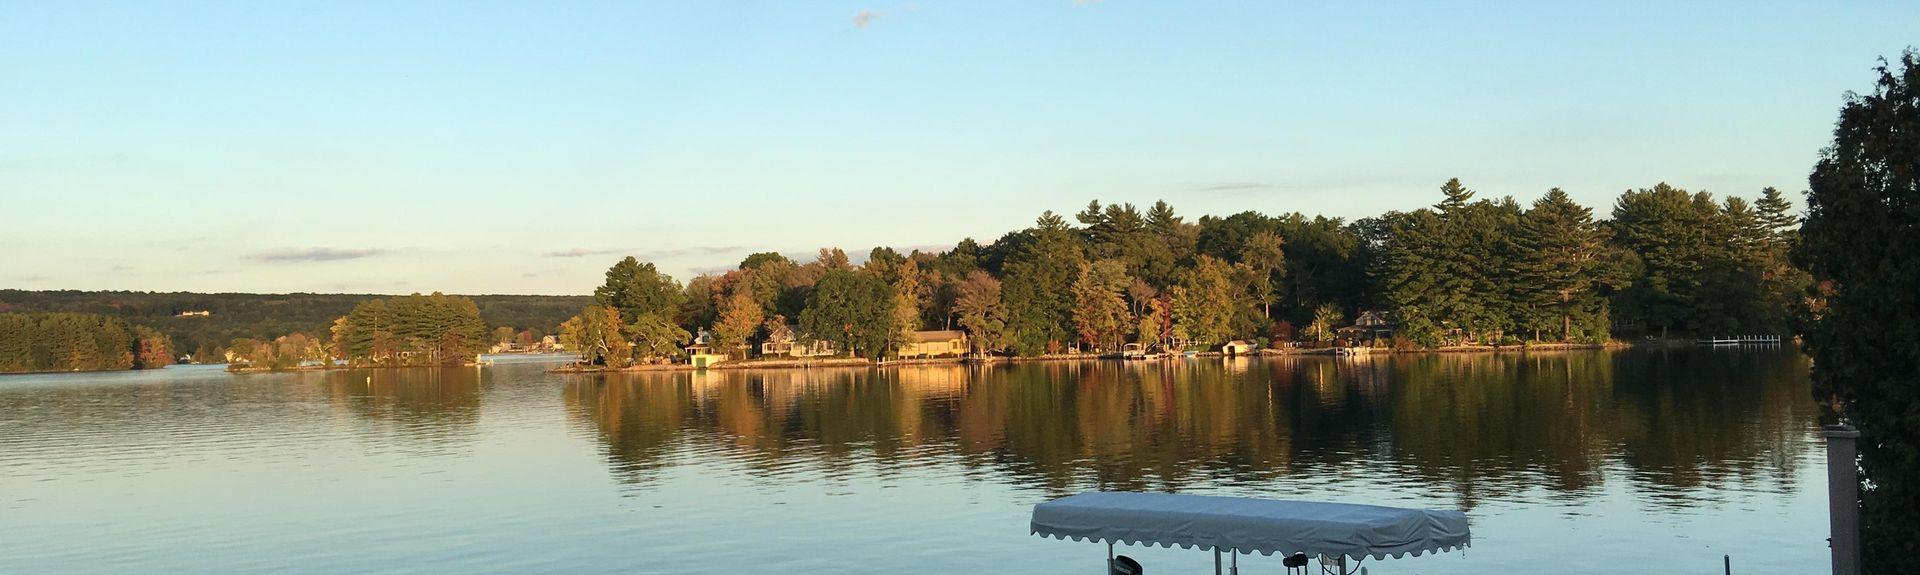 Old Sturbridge Village, Sturbridge, Massachusetts, United States of America